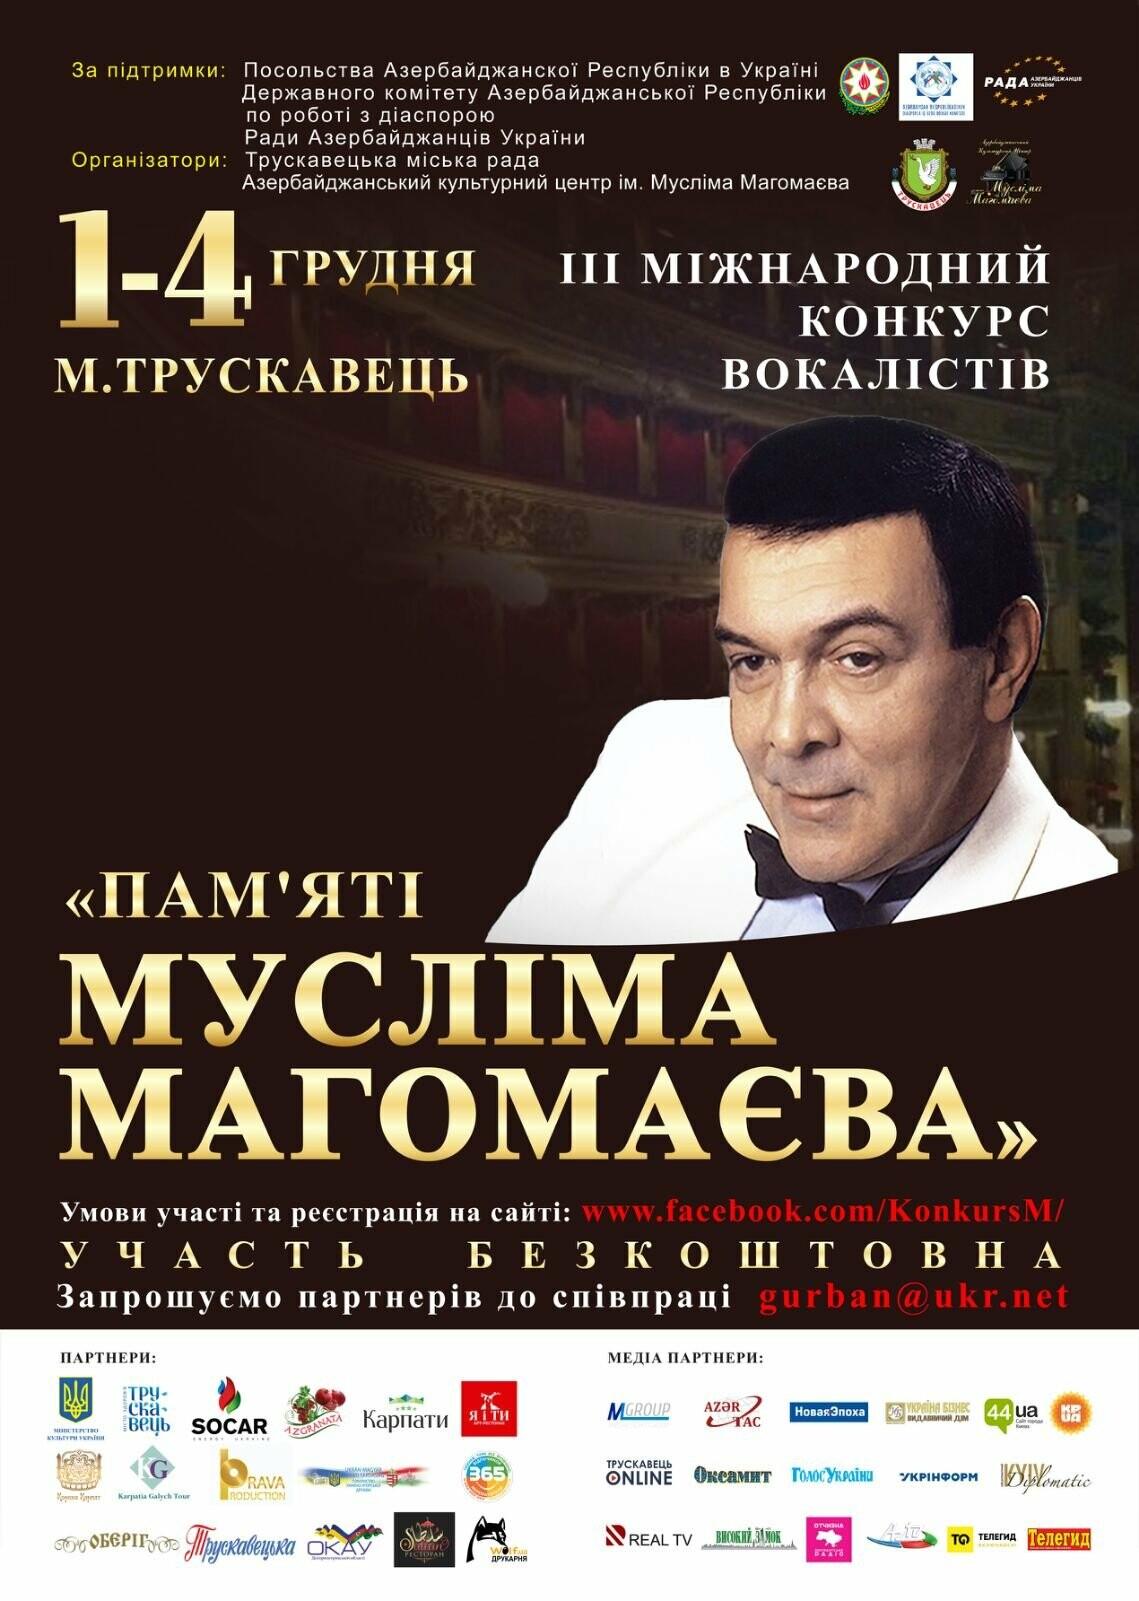 Прес-реліз ІІІ Міжнародного Конкурсу Вокалістів «Пам'яті Мусліма Магомаєва», фото-1